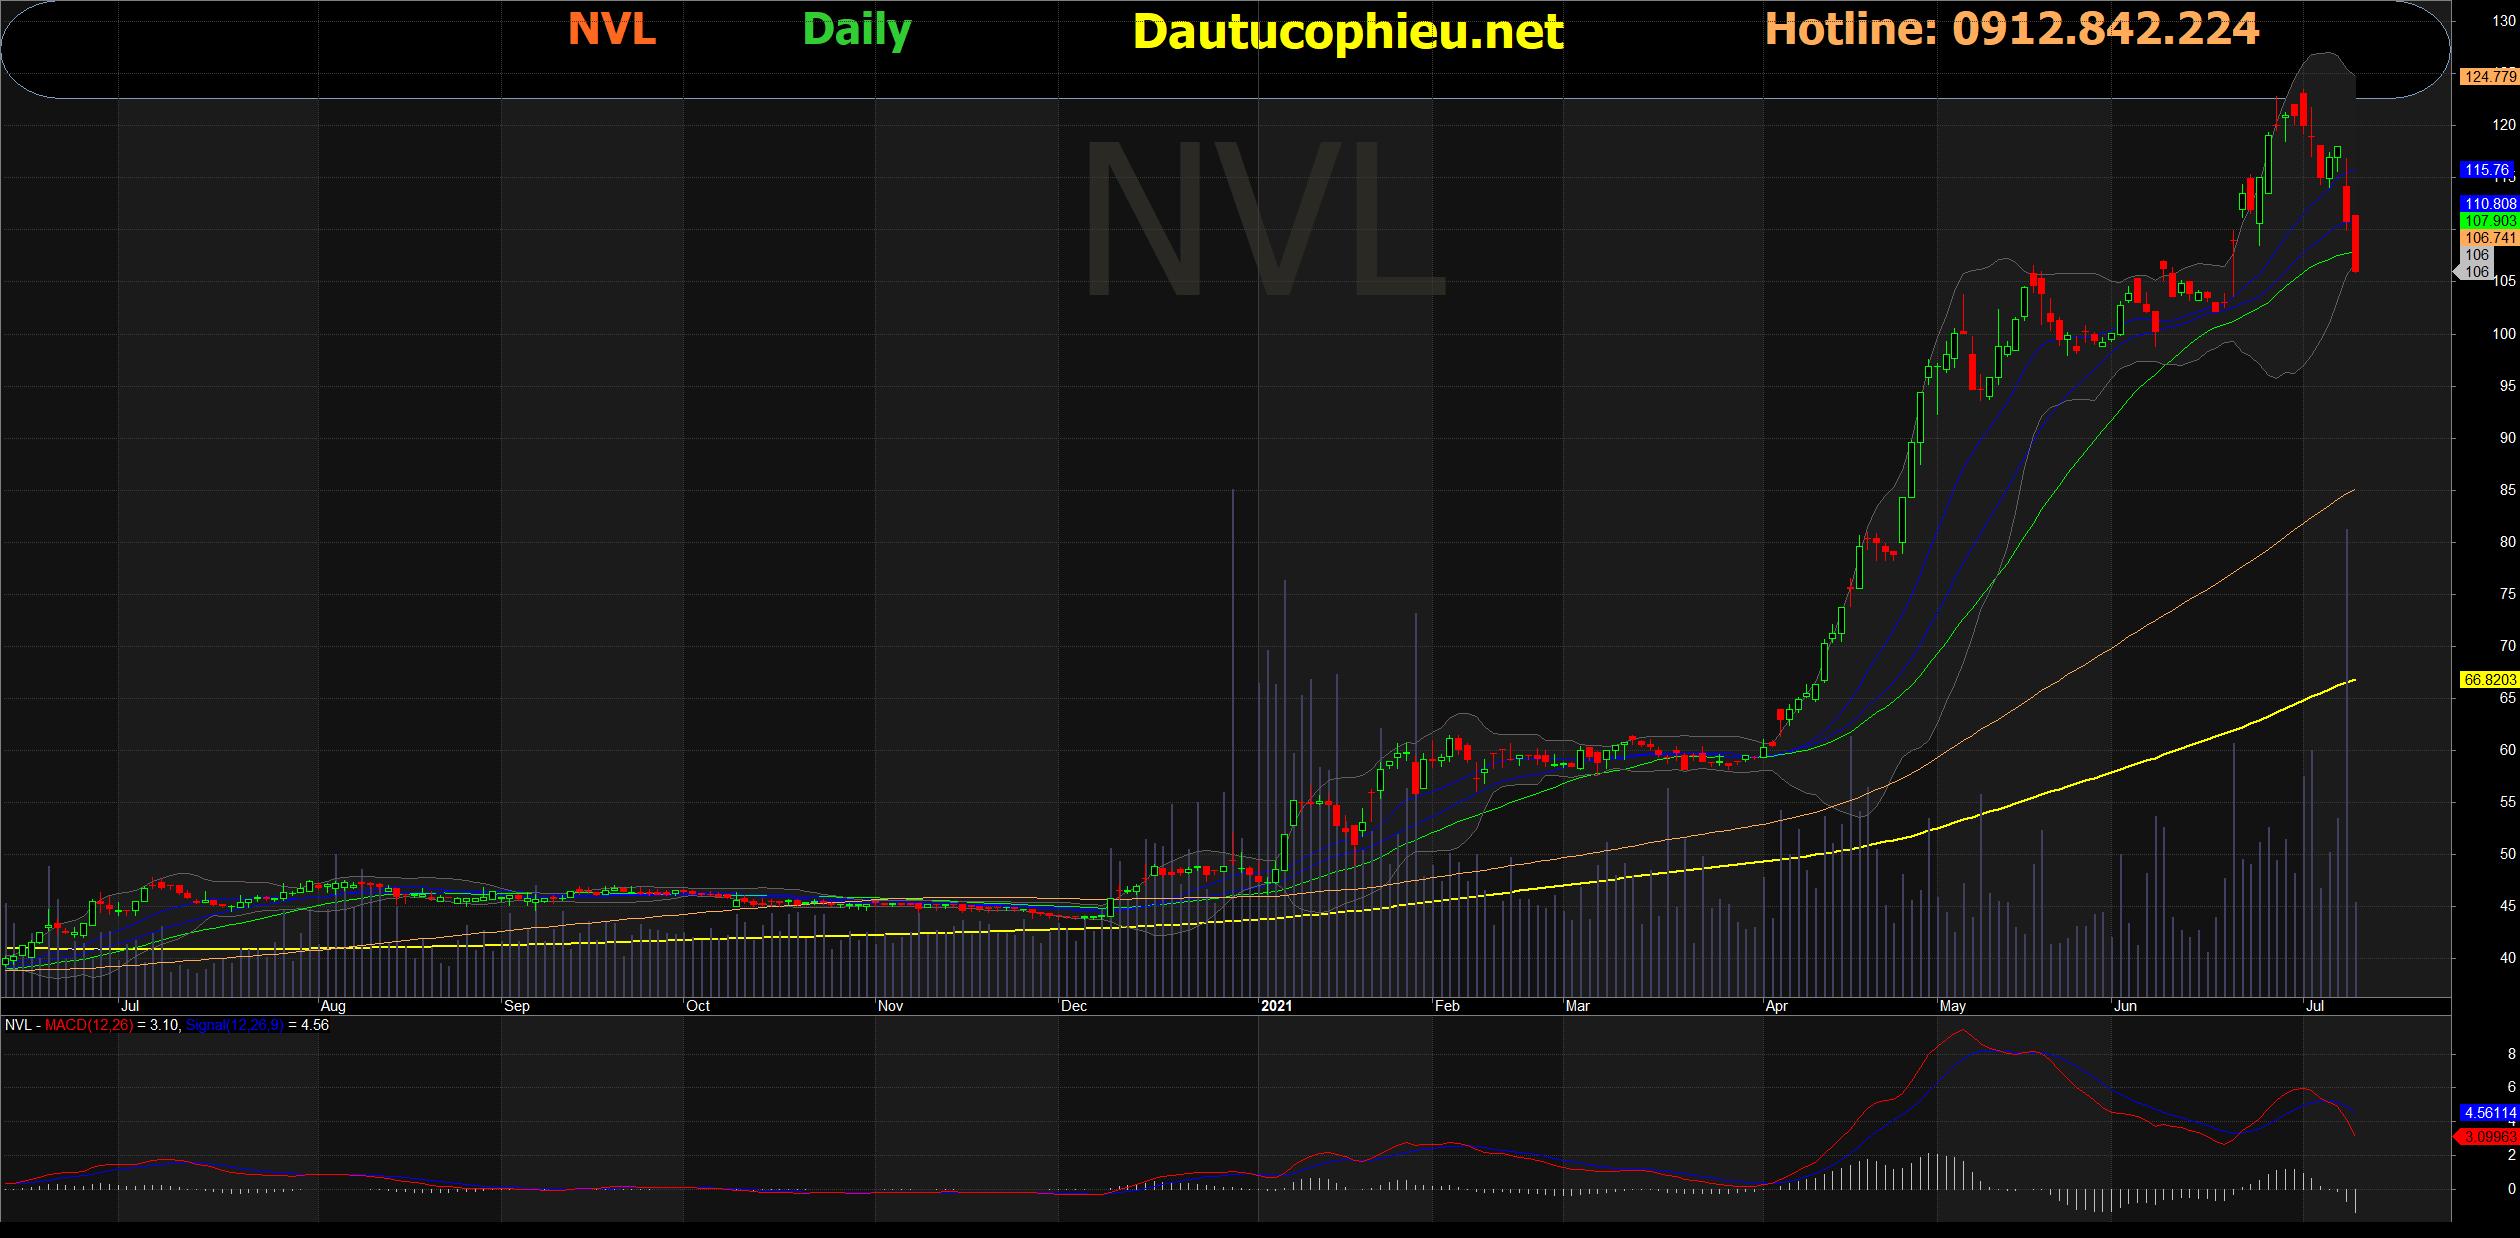 Đồ thị cổ phiếu NVL phiên giao dịch ngày 09/07/2021. Nguồn: AmiBroker